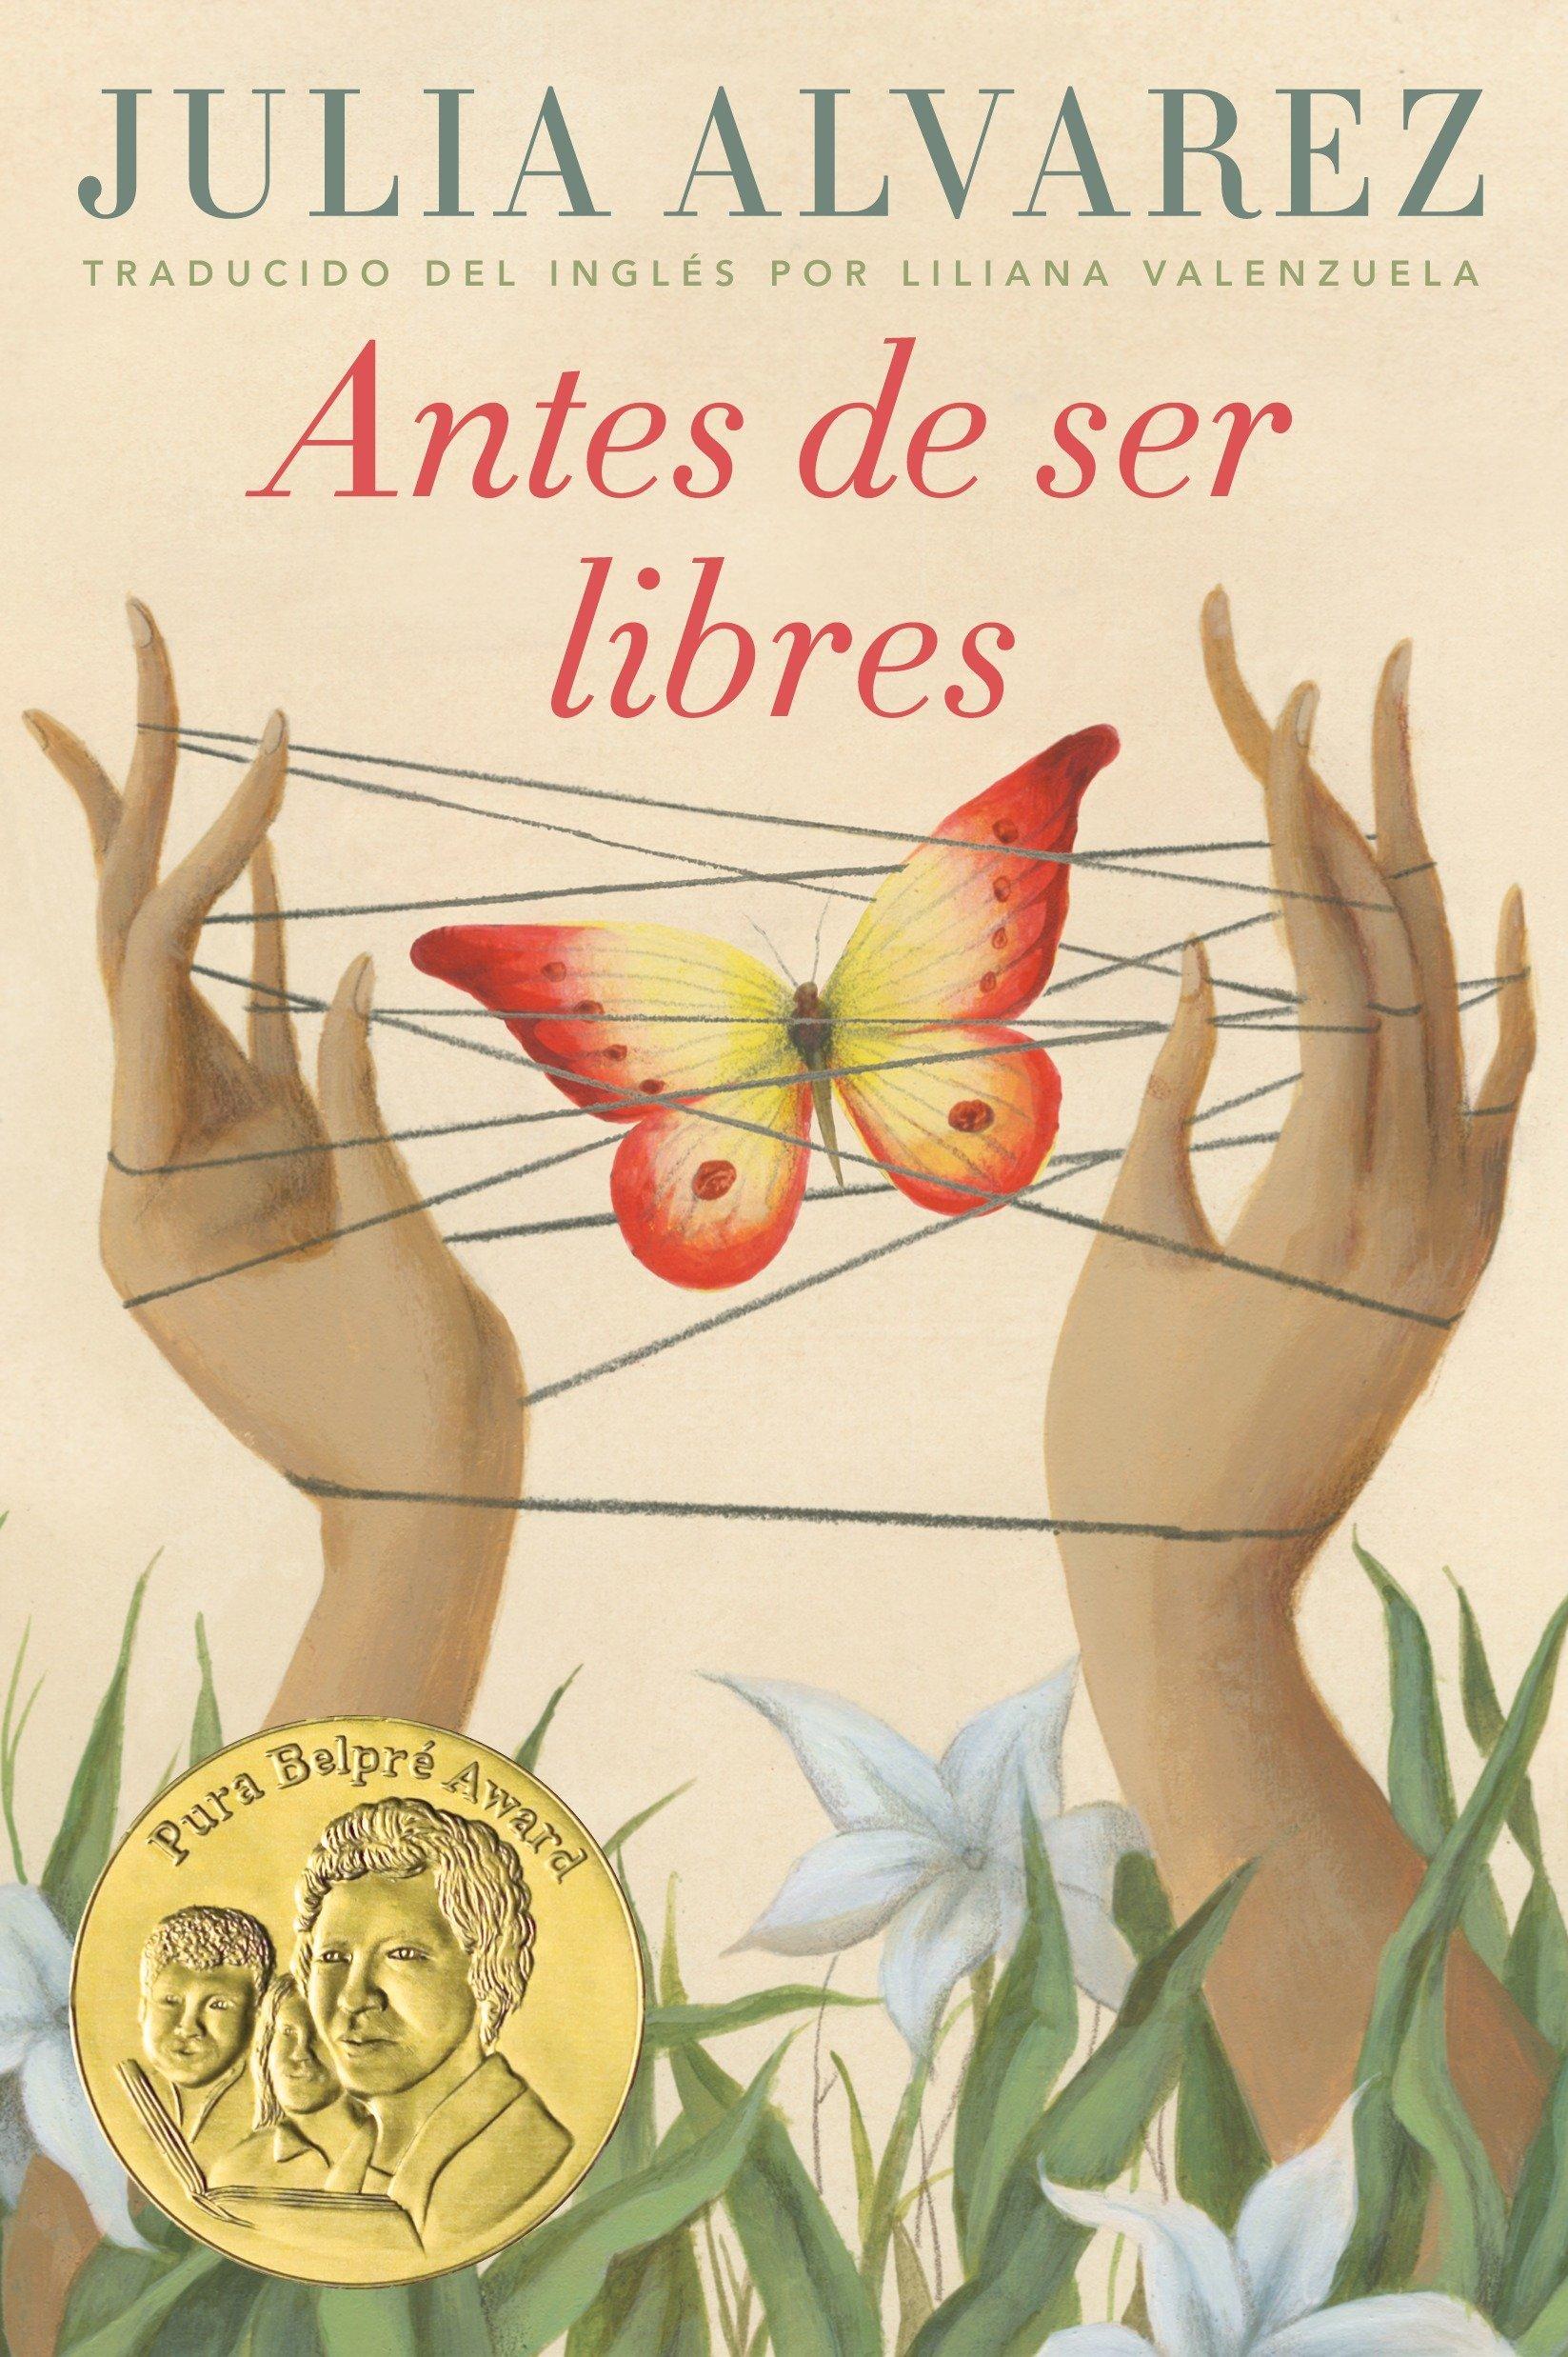 Amazon.com: Antes de ser libres (Spanish Edition) (9780525579779): Julia Alvarez, Liliana Valenzuela: Books